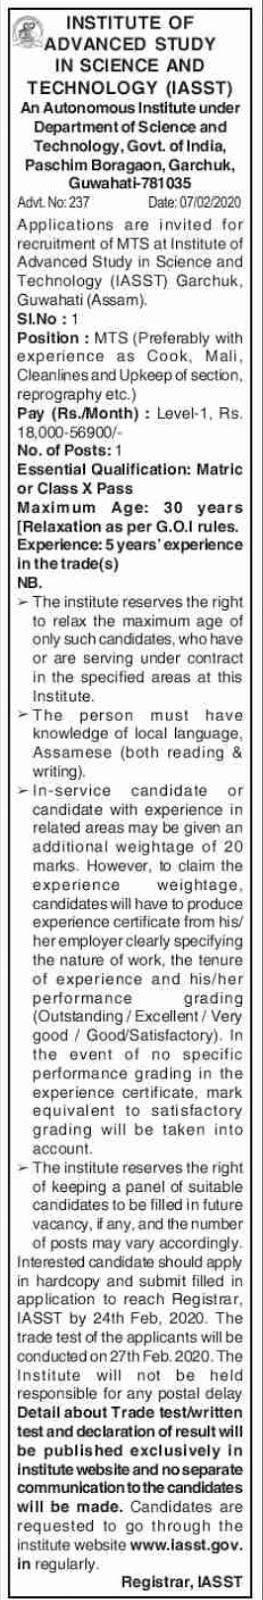 IASST Guwahati Recruitment 2020